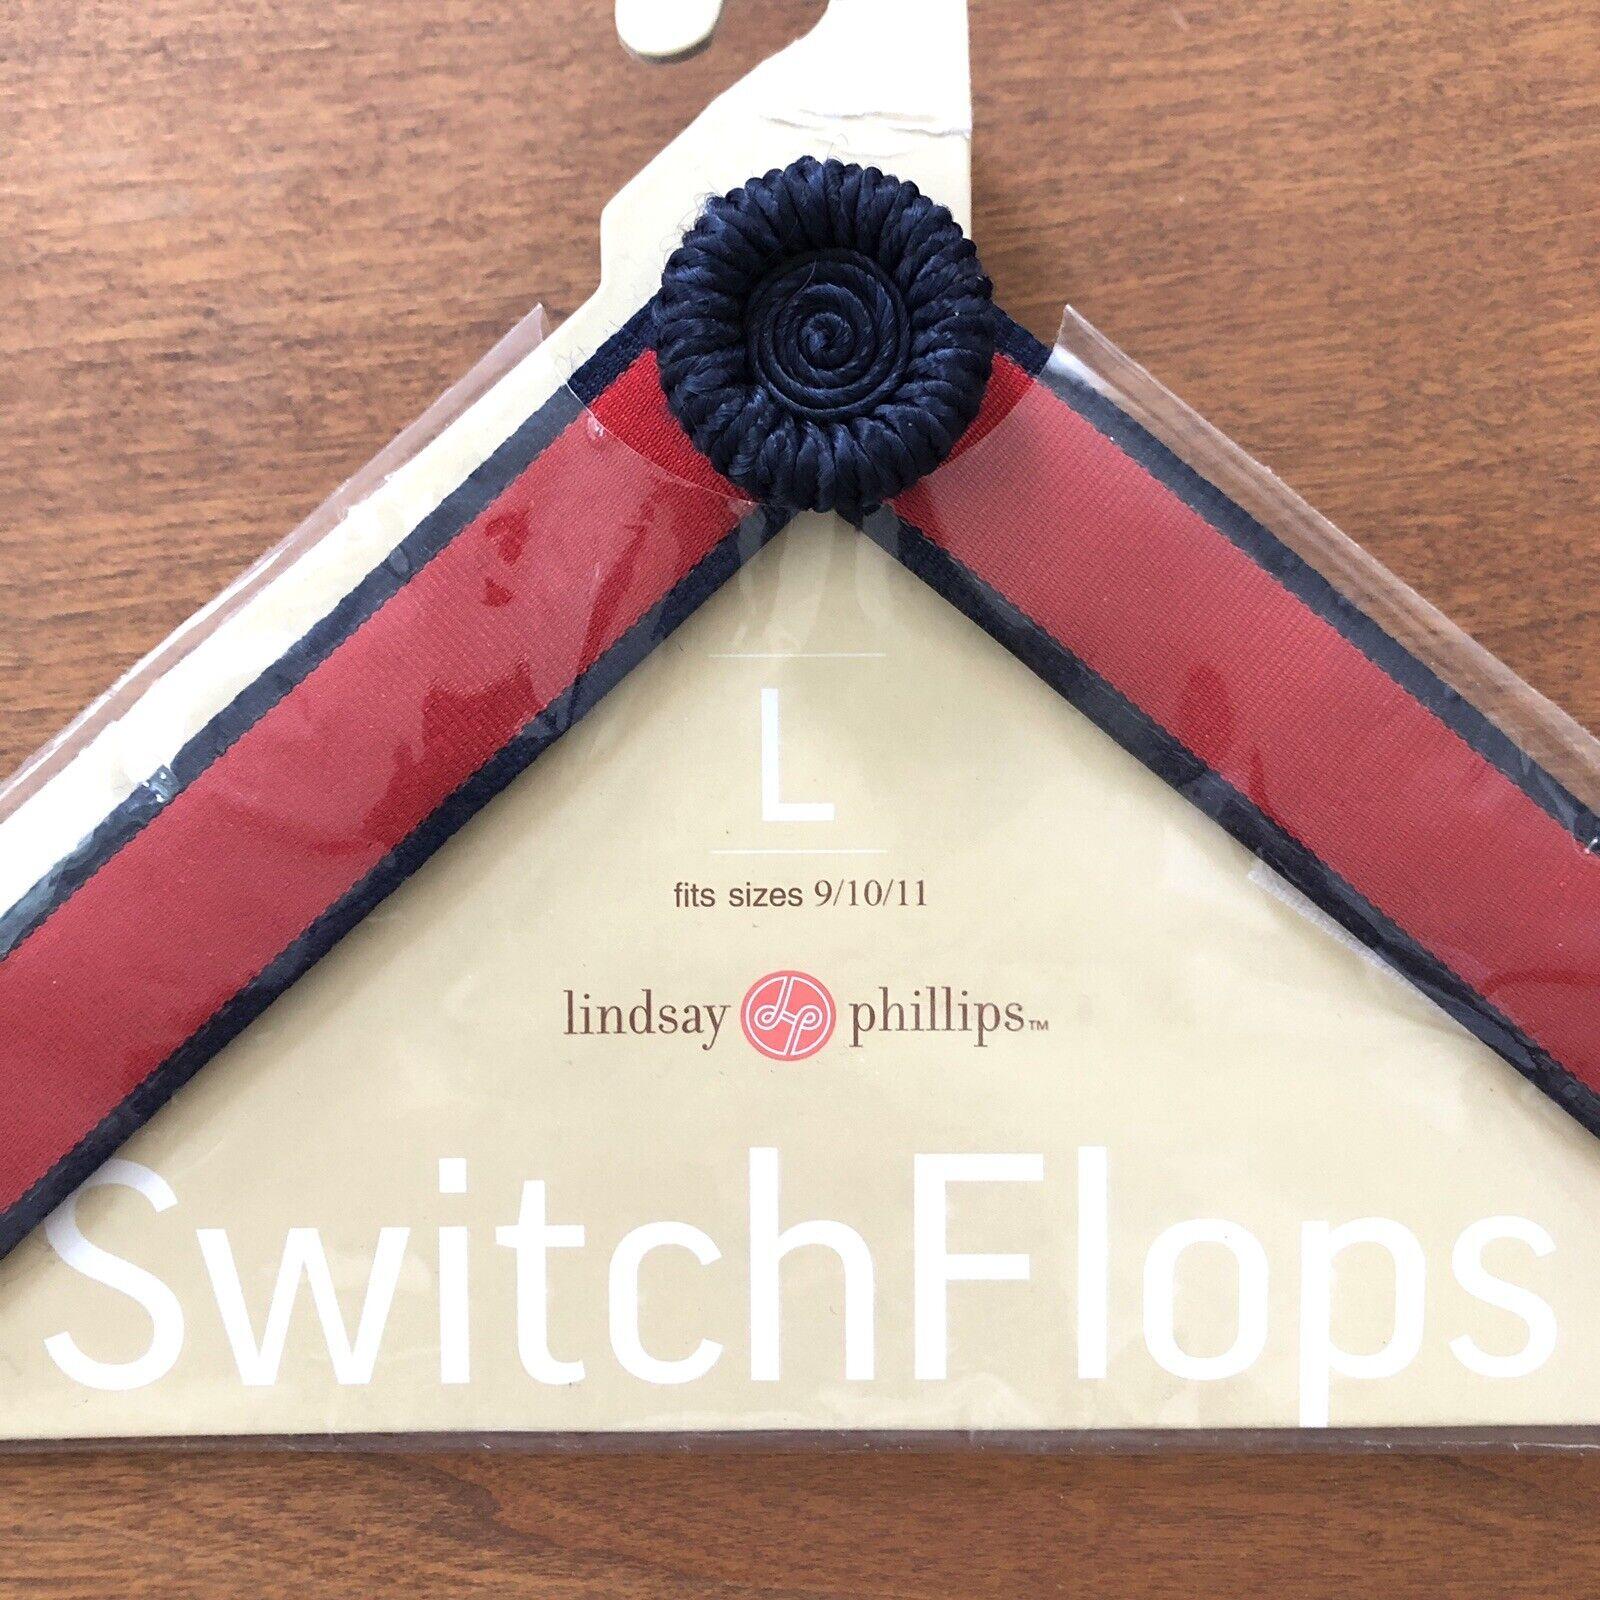 Lindsay Phillips SwitchFlops Strap Red Navy Blue Flip Flop NEW Large